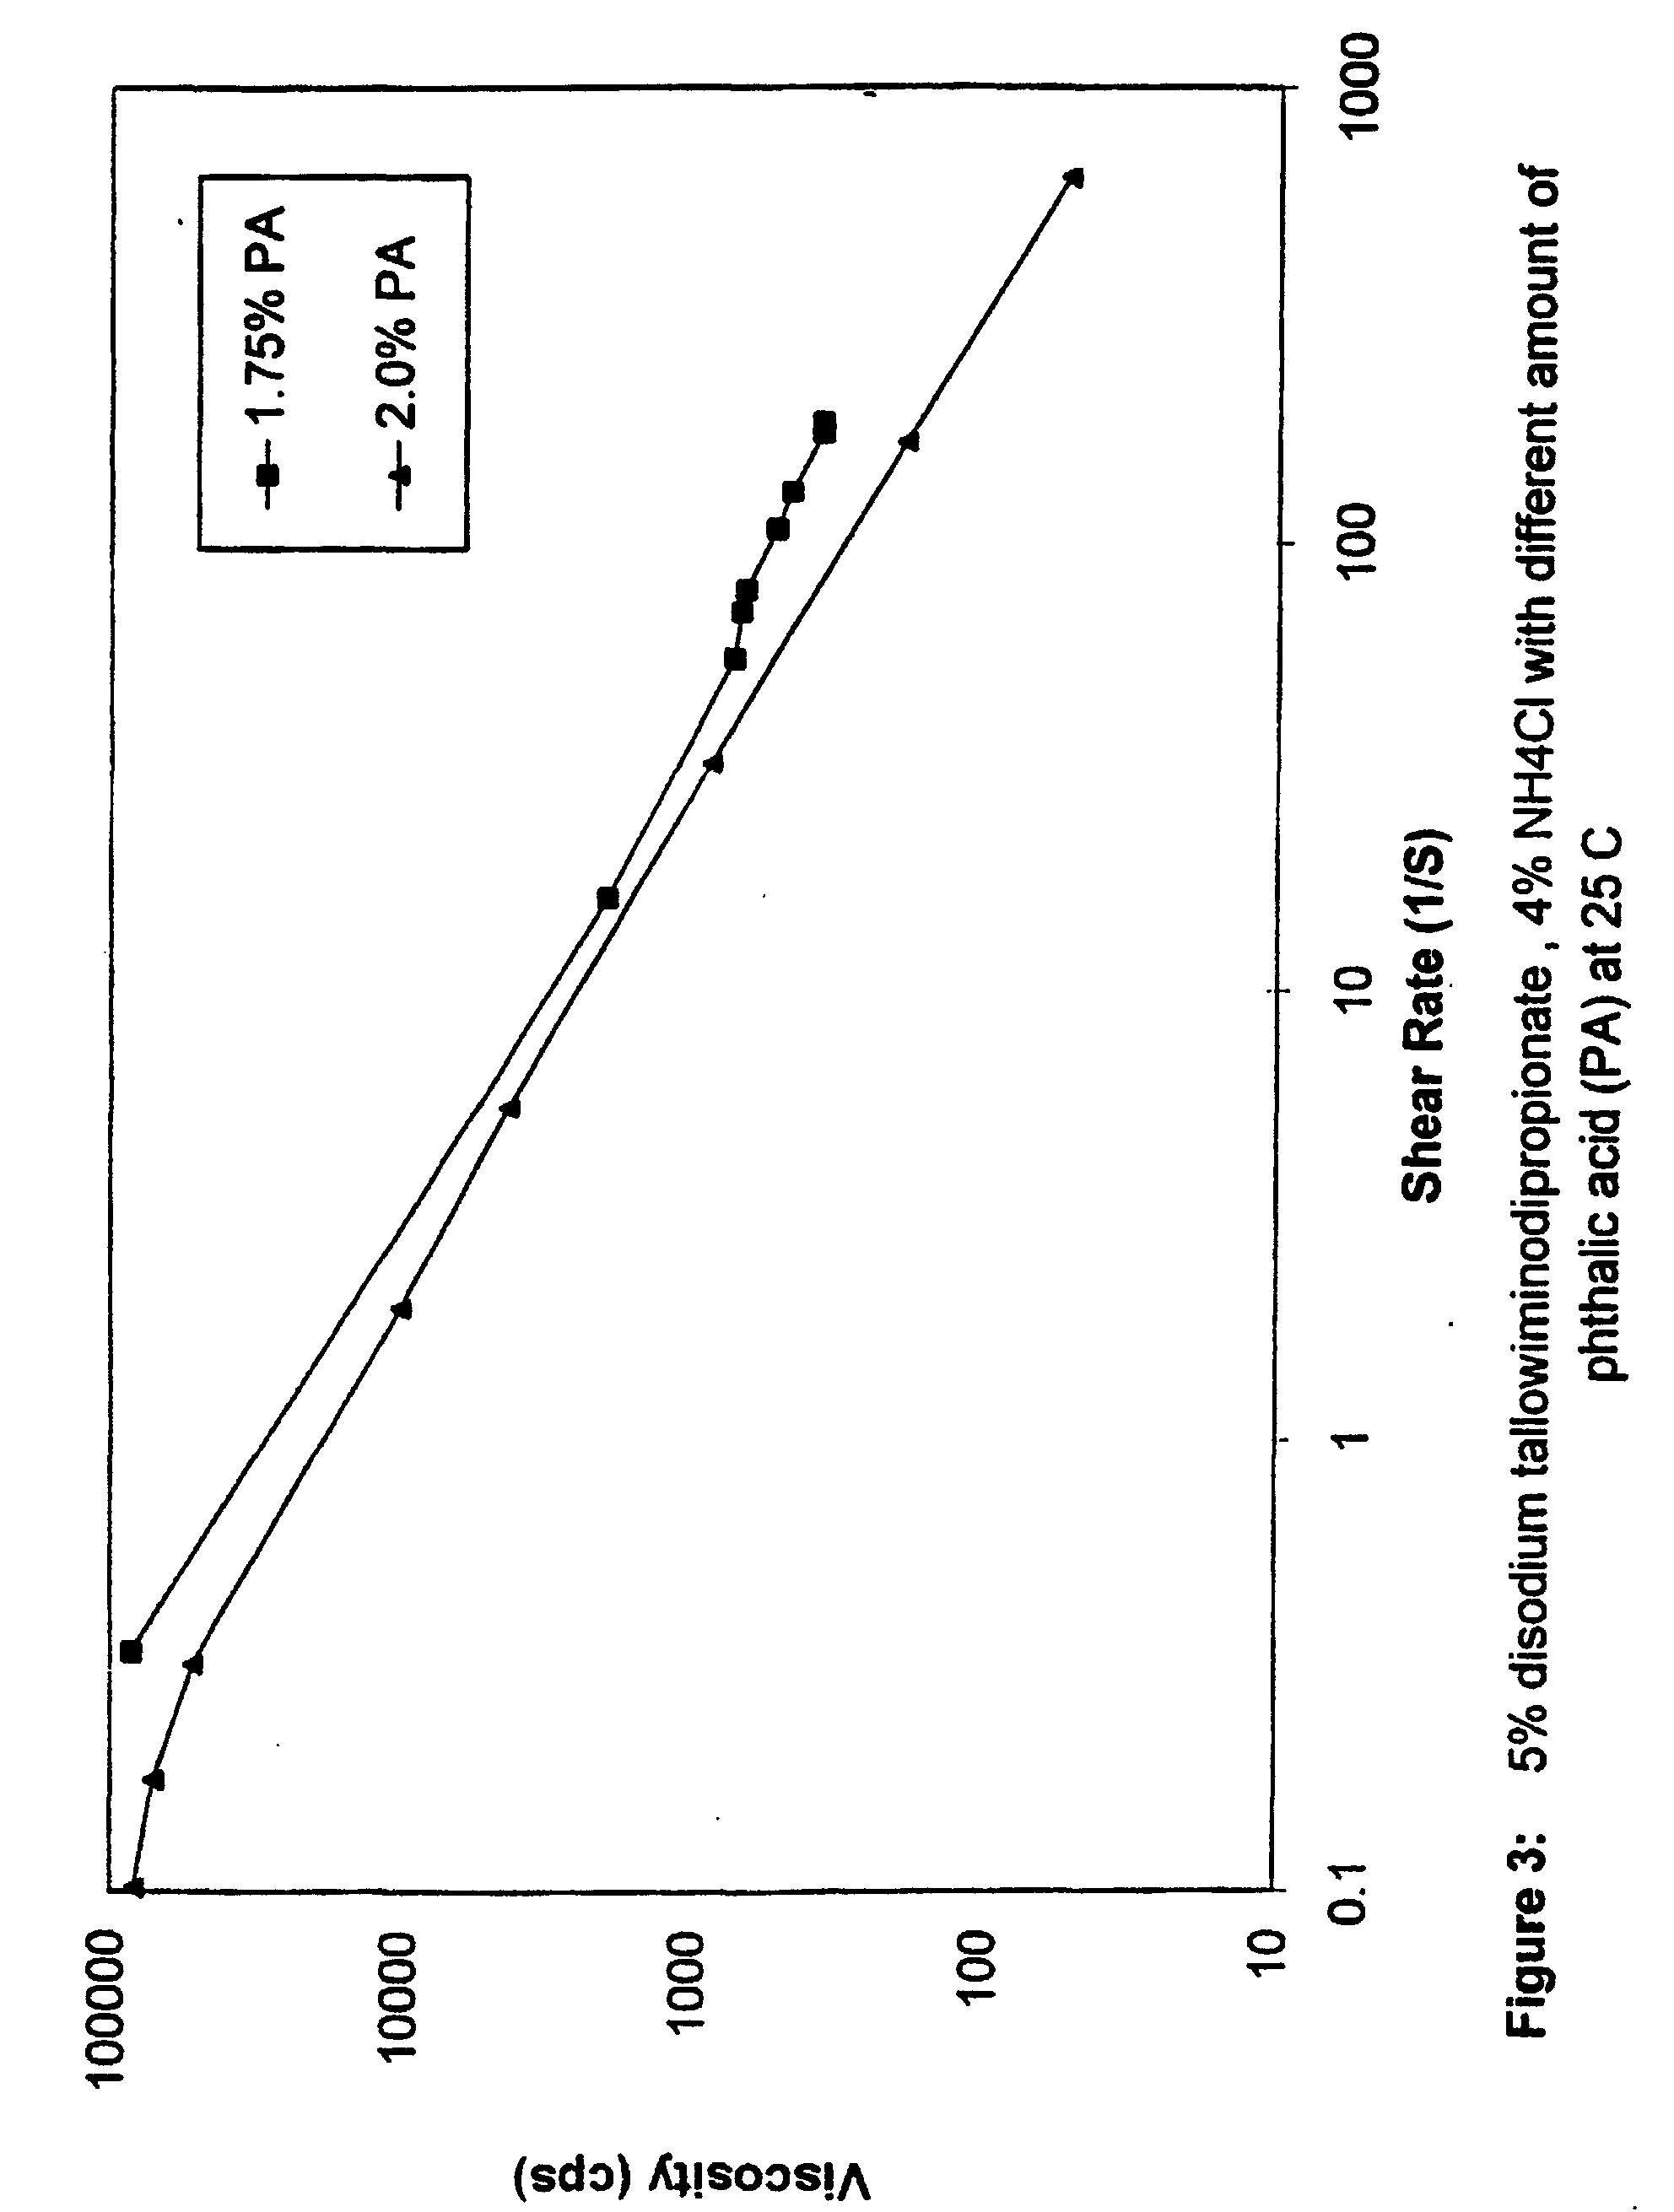 alkyl propionates